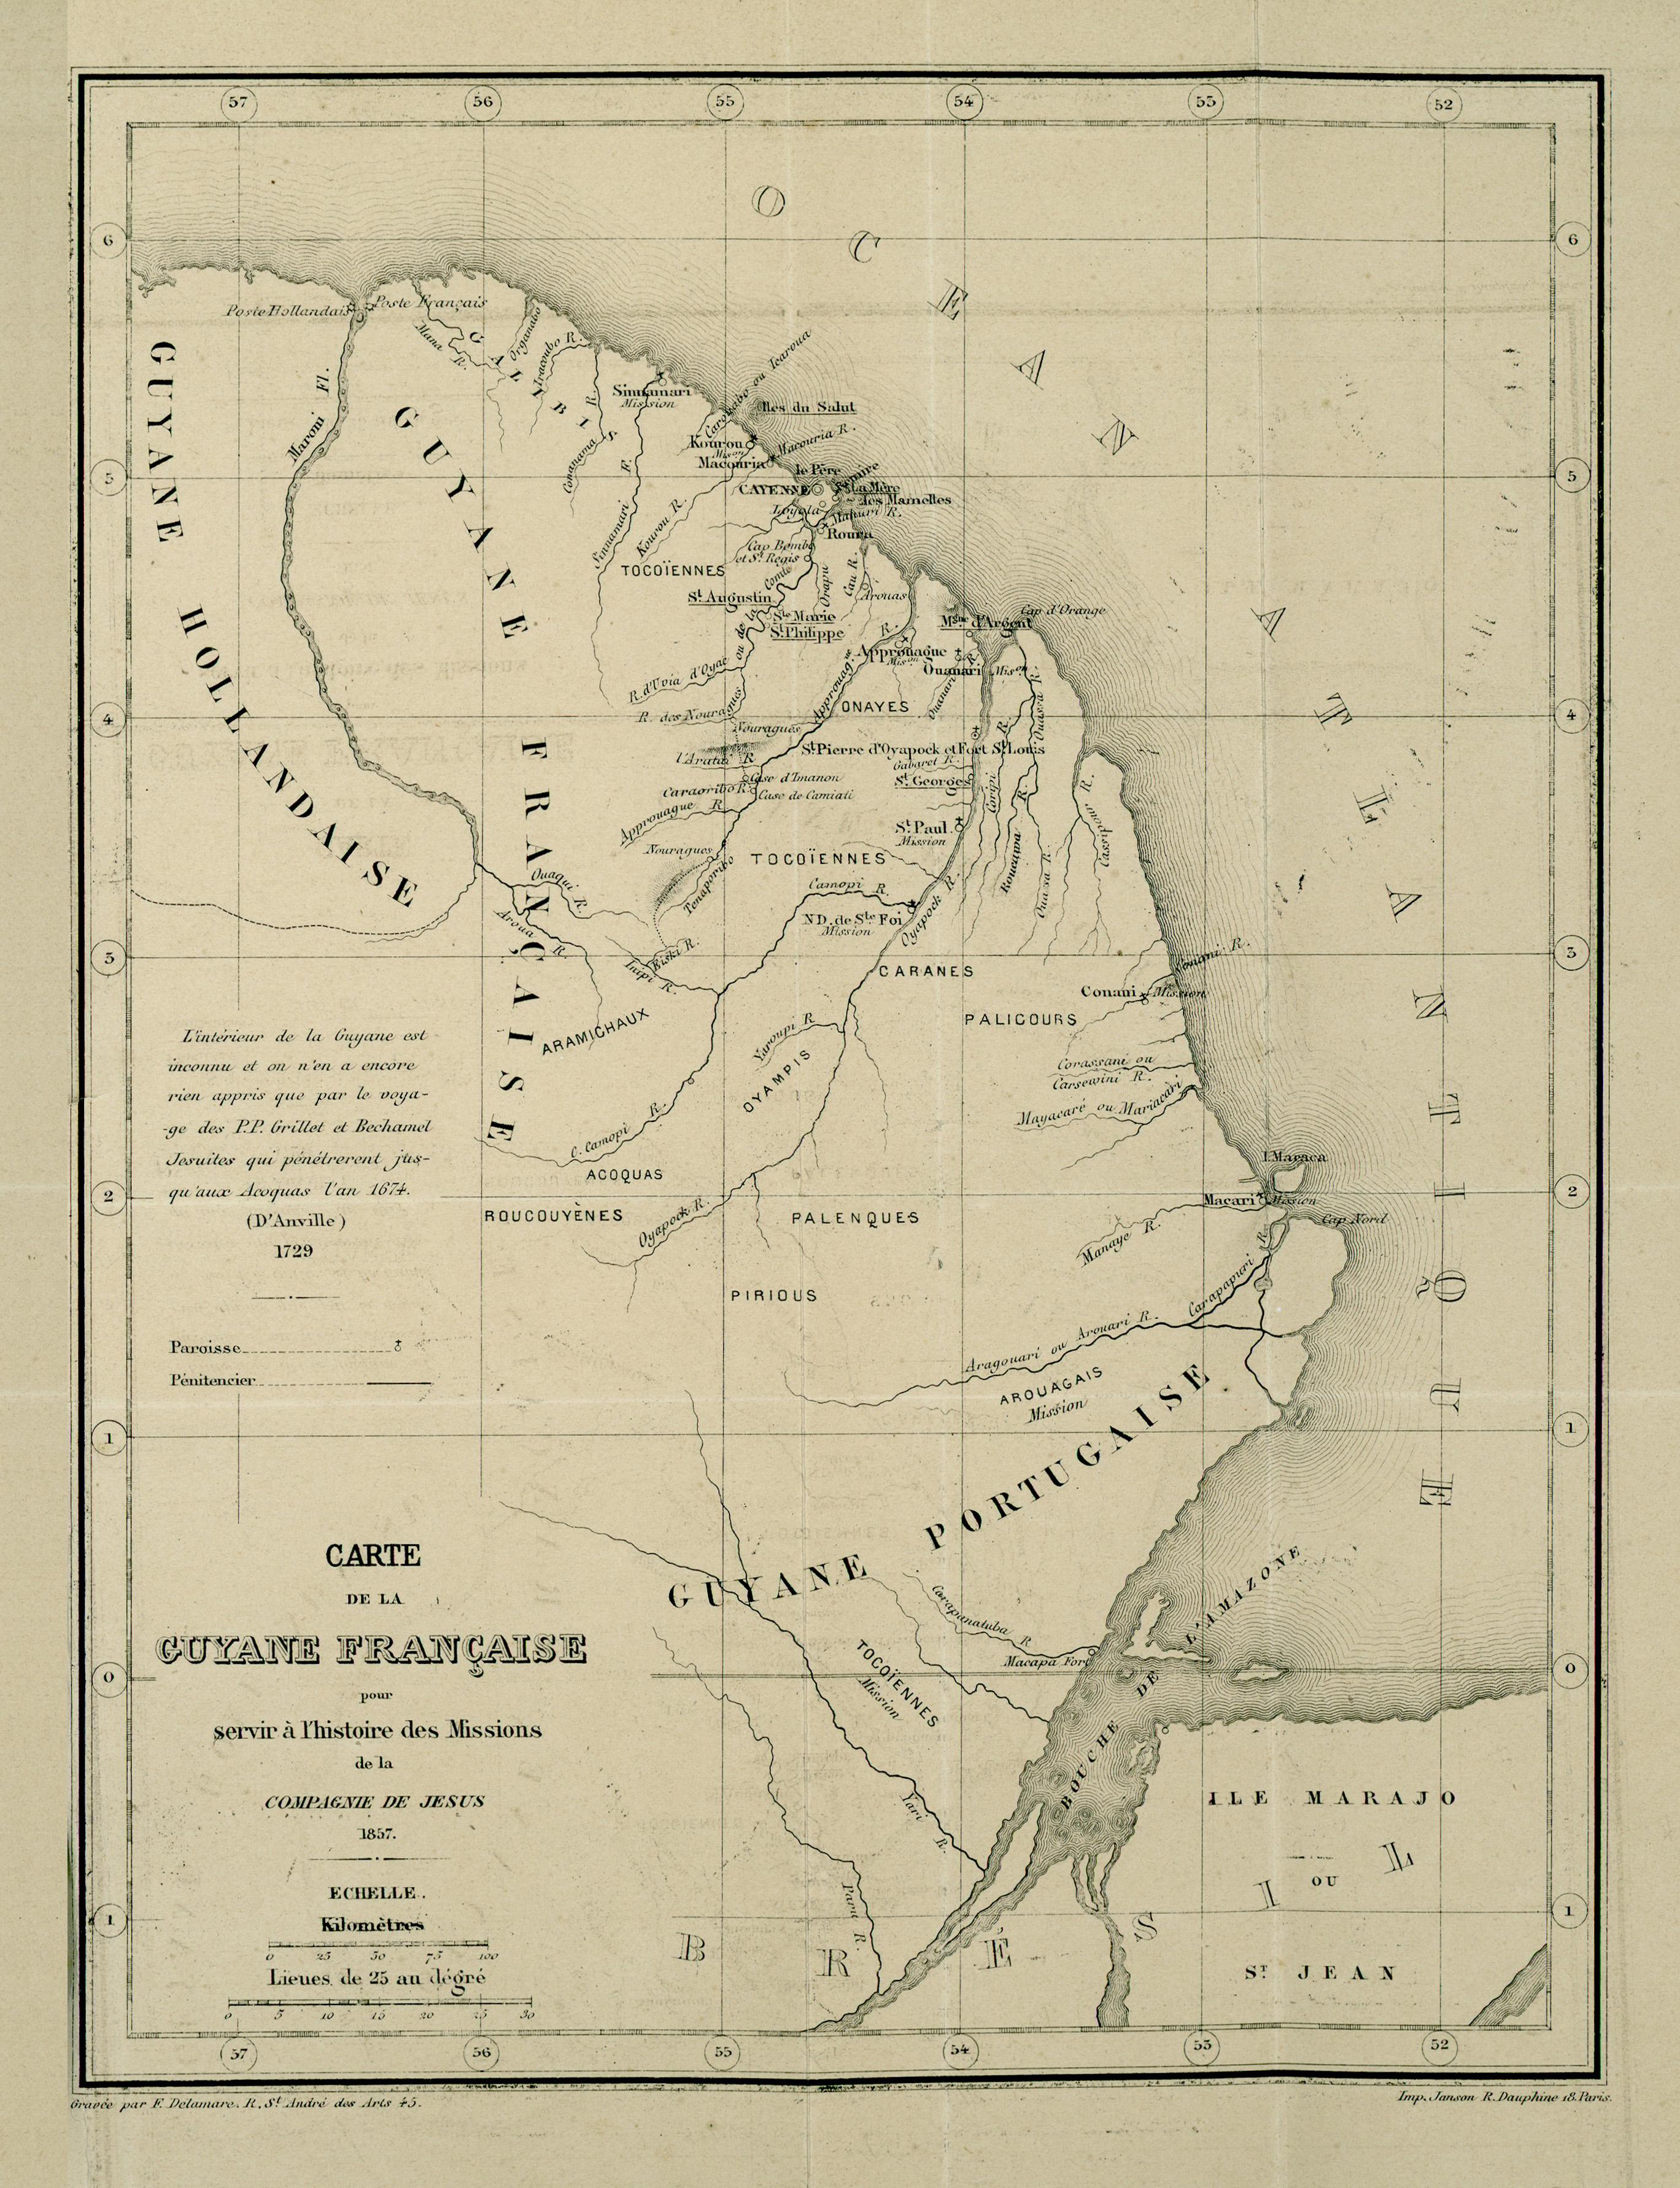 carte de la guyane française File:Carte de la Guyane française pour servir à l'histoire des